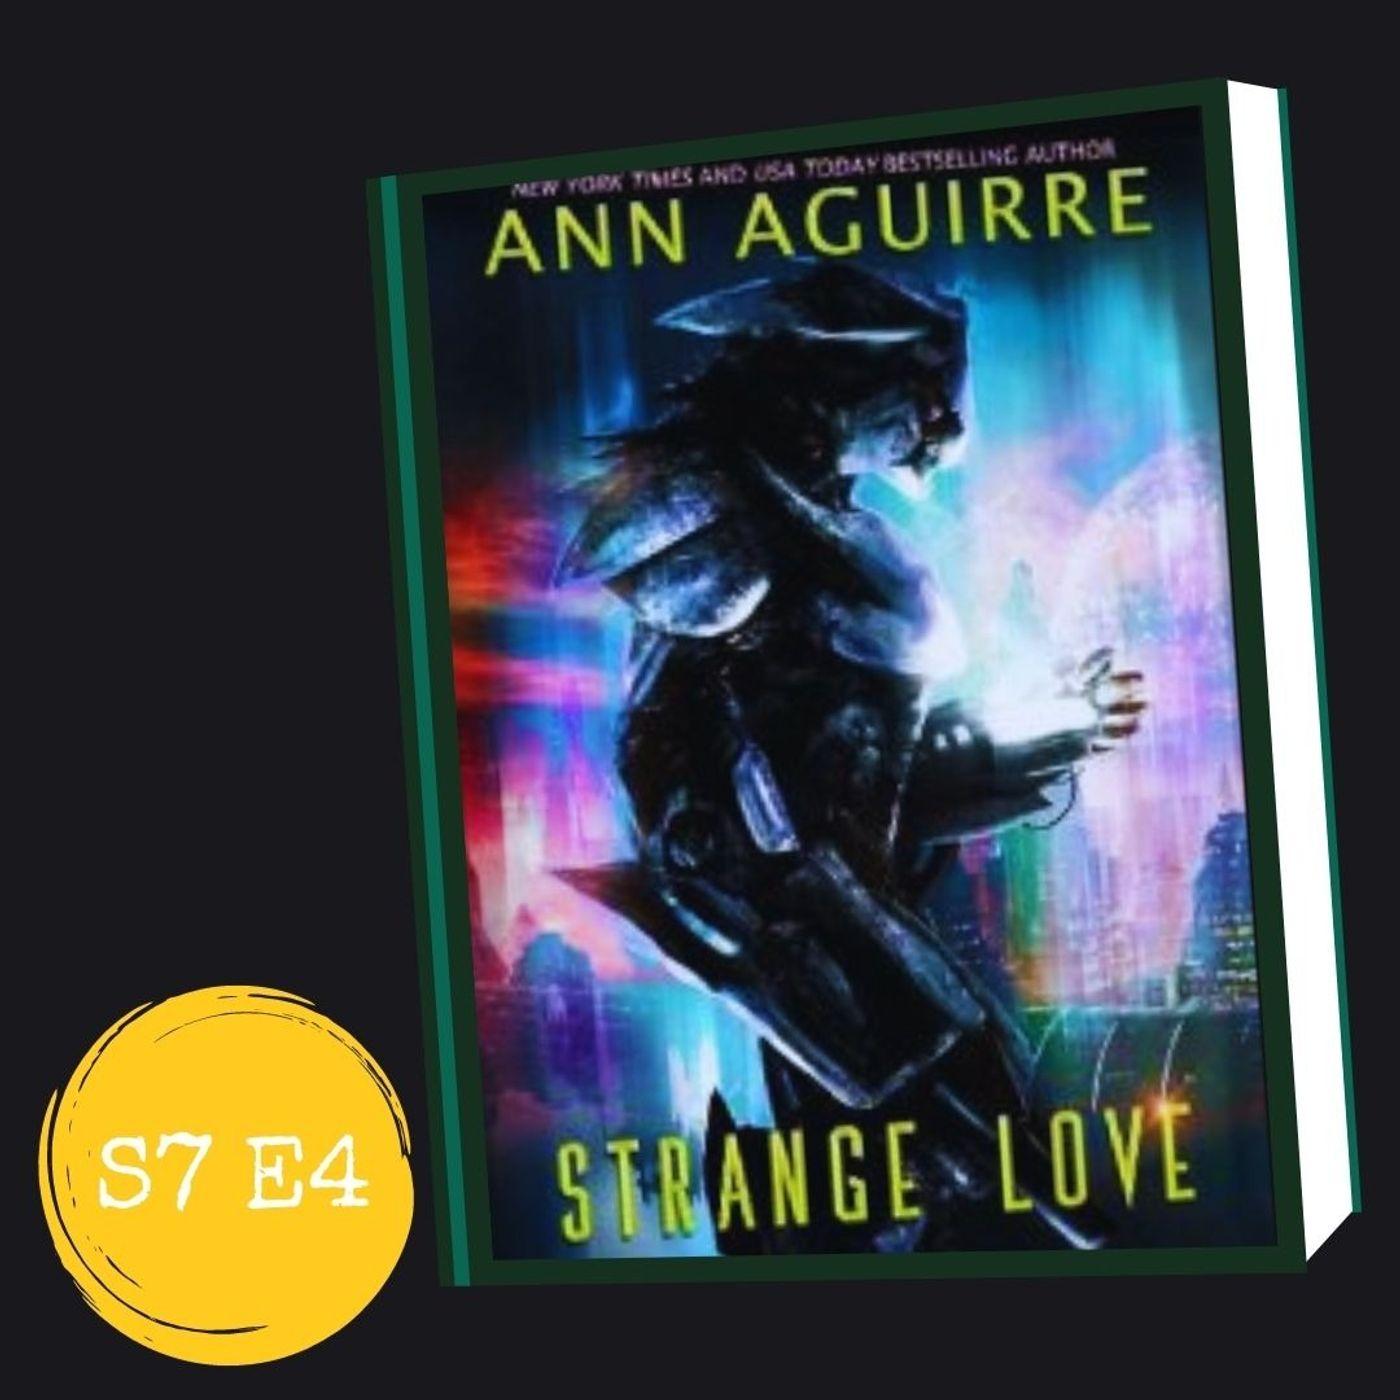 Sweet Alien Cinnamon Roll   Strange Love by Ann Aguirre